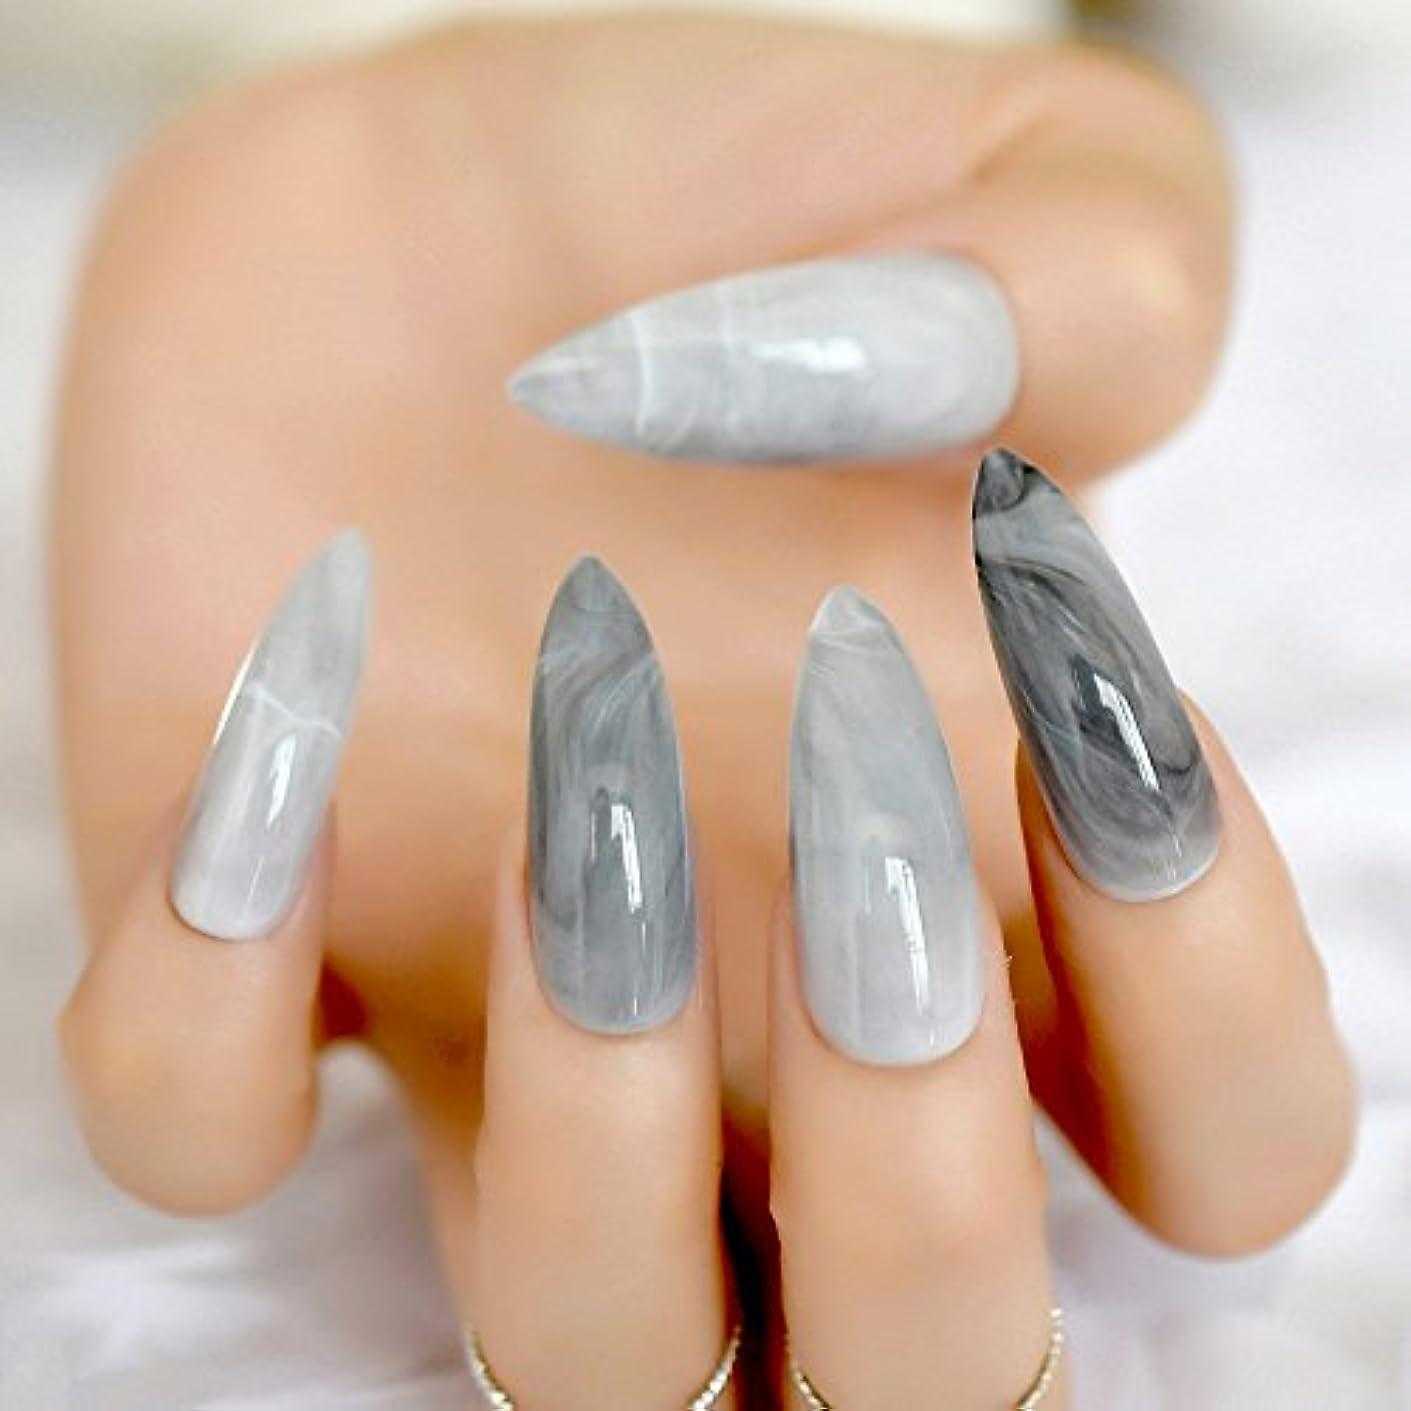 自動的に目立つ八百屋さんXUTXZKA 余分な長いスチレットグレーのフェイクマーブルネイルストーンパターンは、指24カウントのために偽の爪に暗い光沢のあるロングプレスを指摘しました